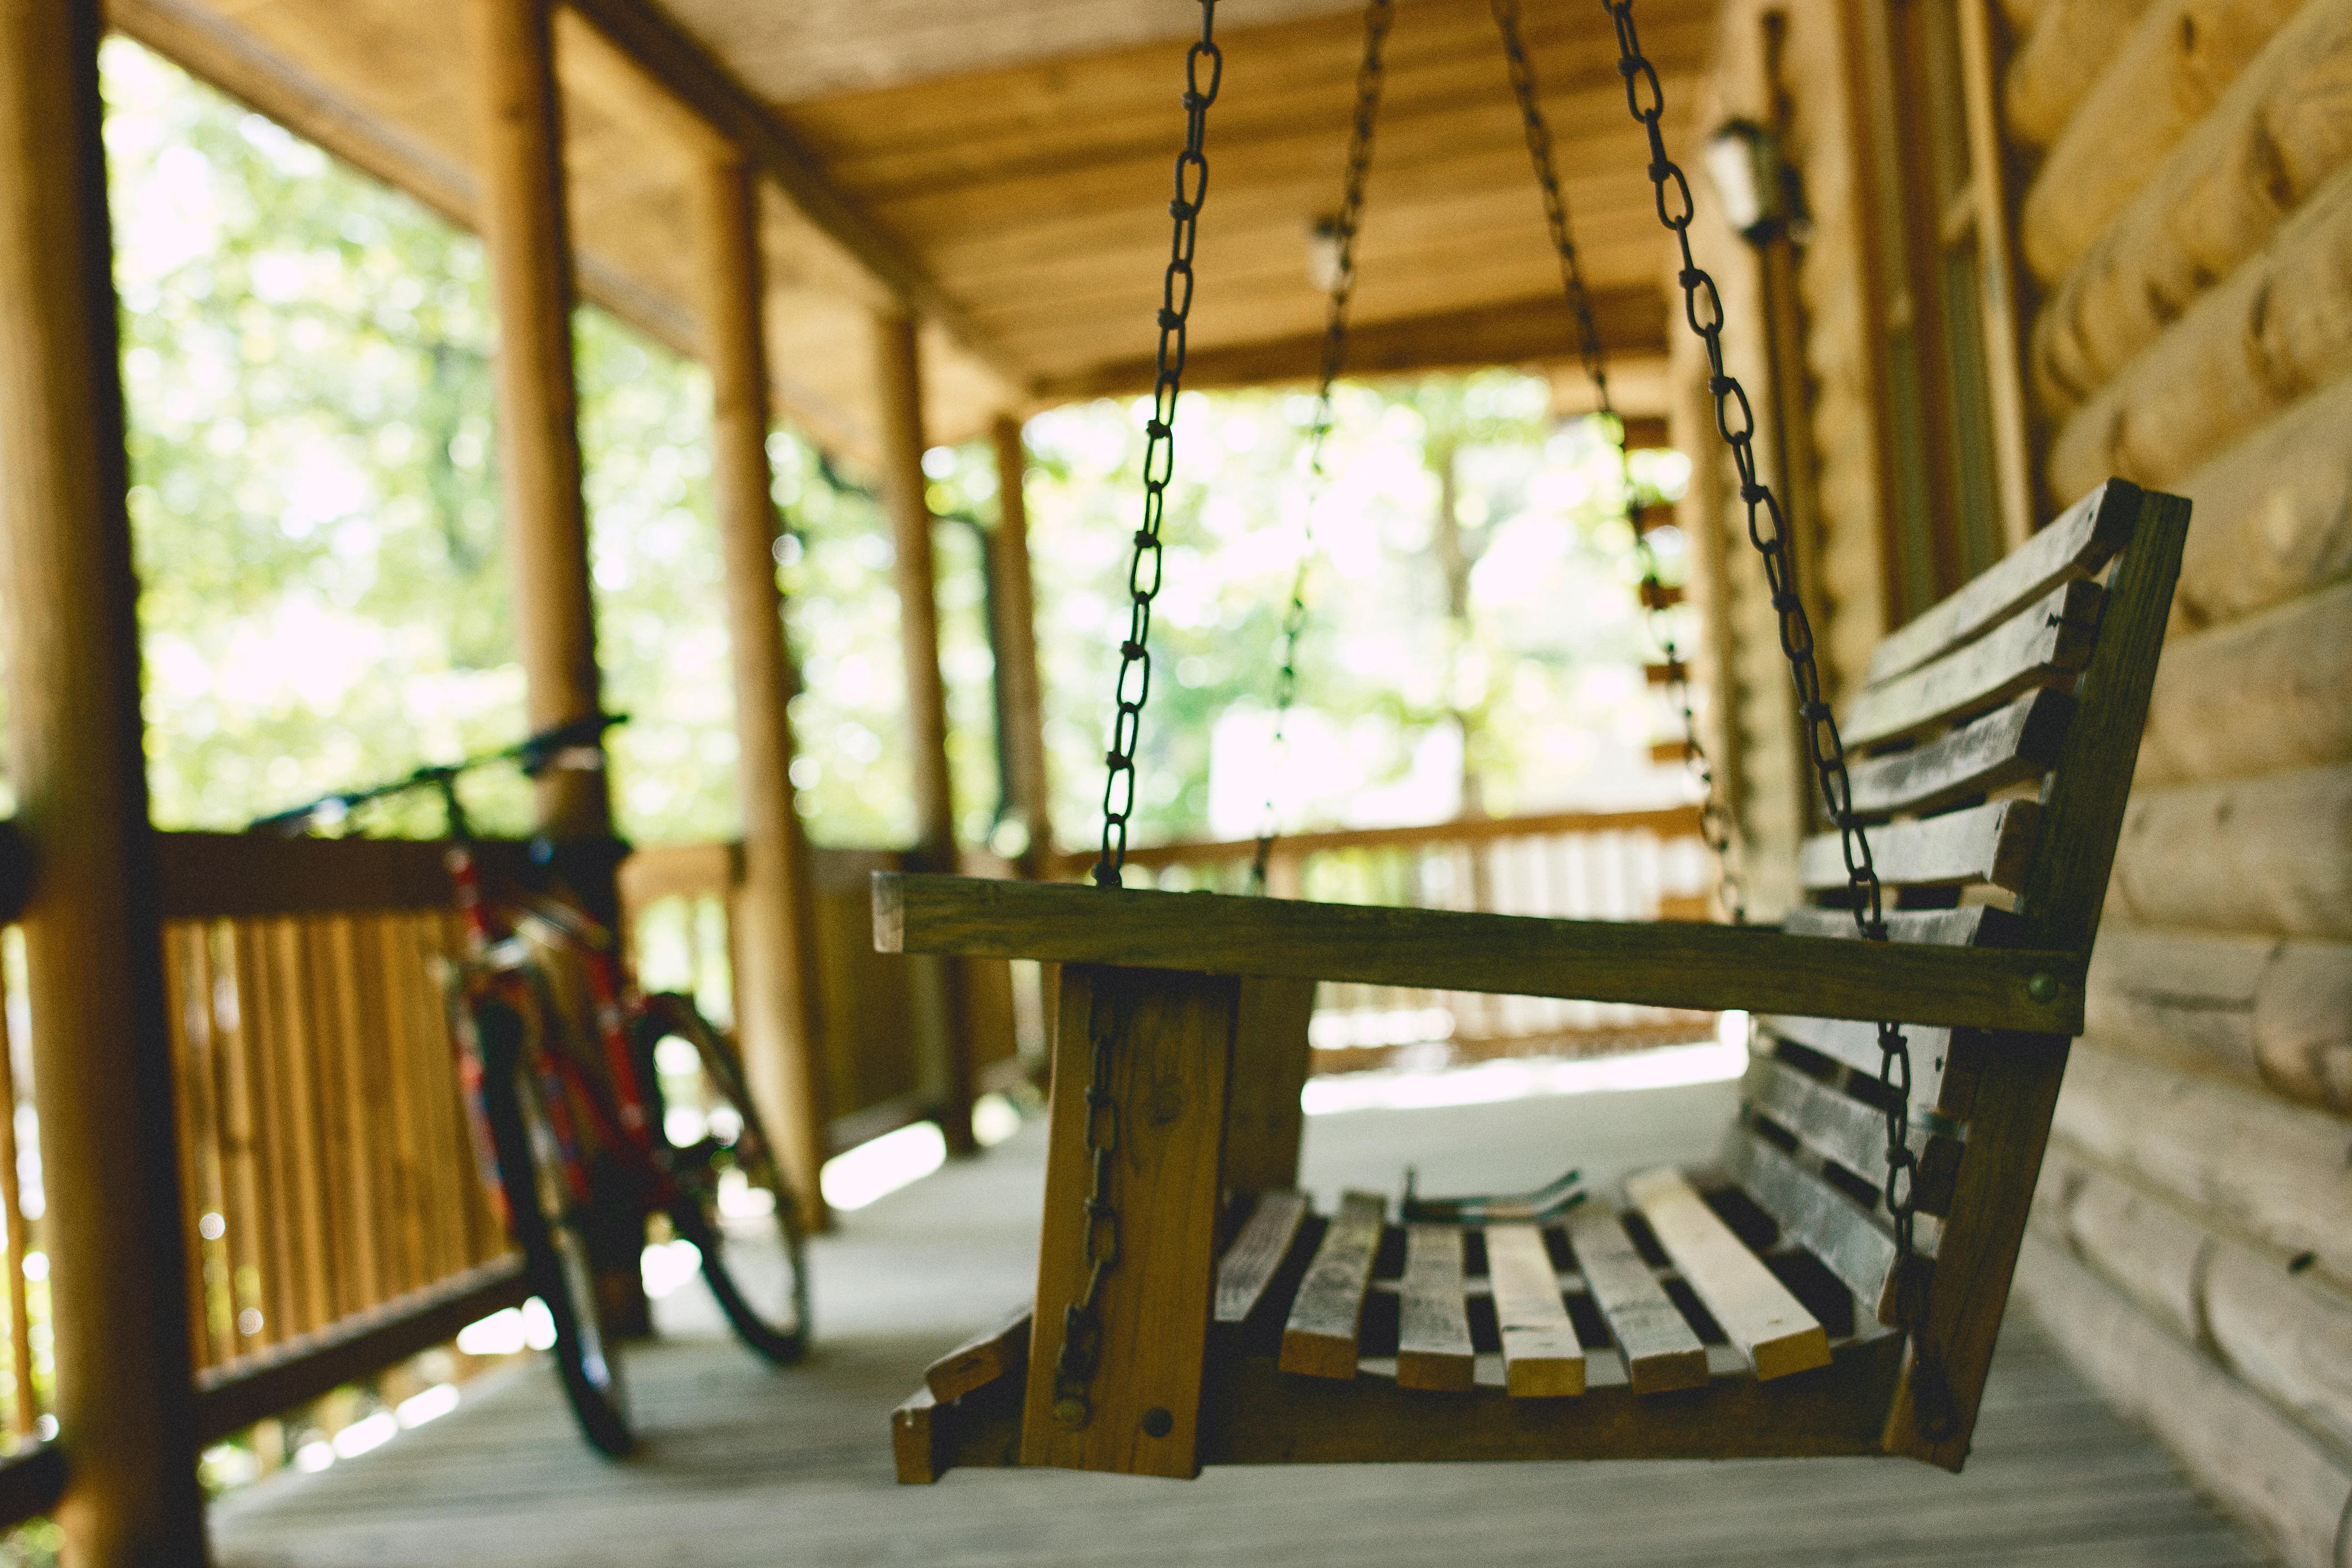 Schommel In Huis : Gratis afbeeldingen : hout huis venster fiets huis veranda